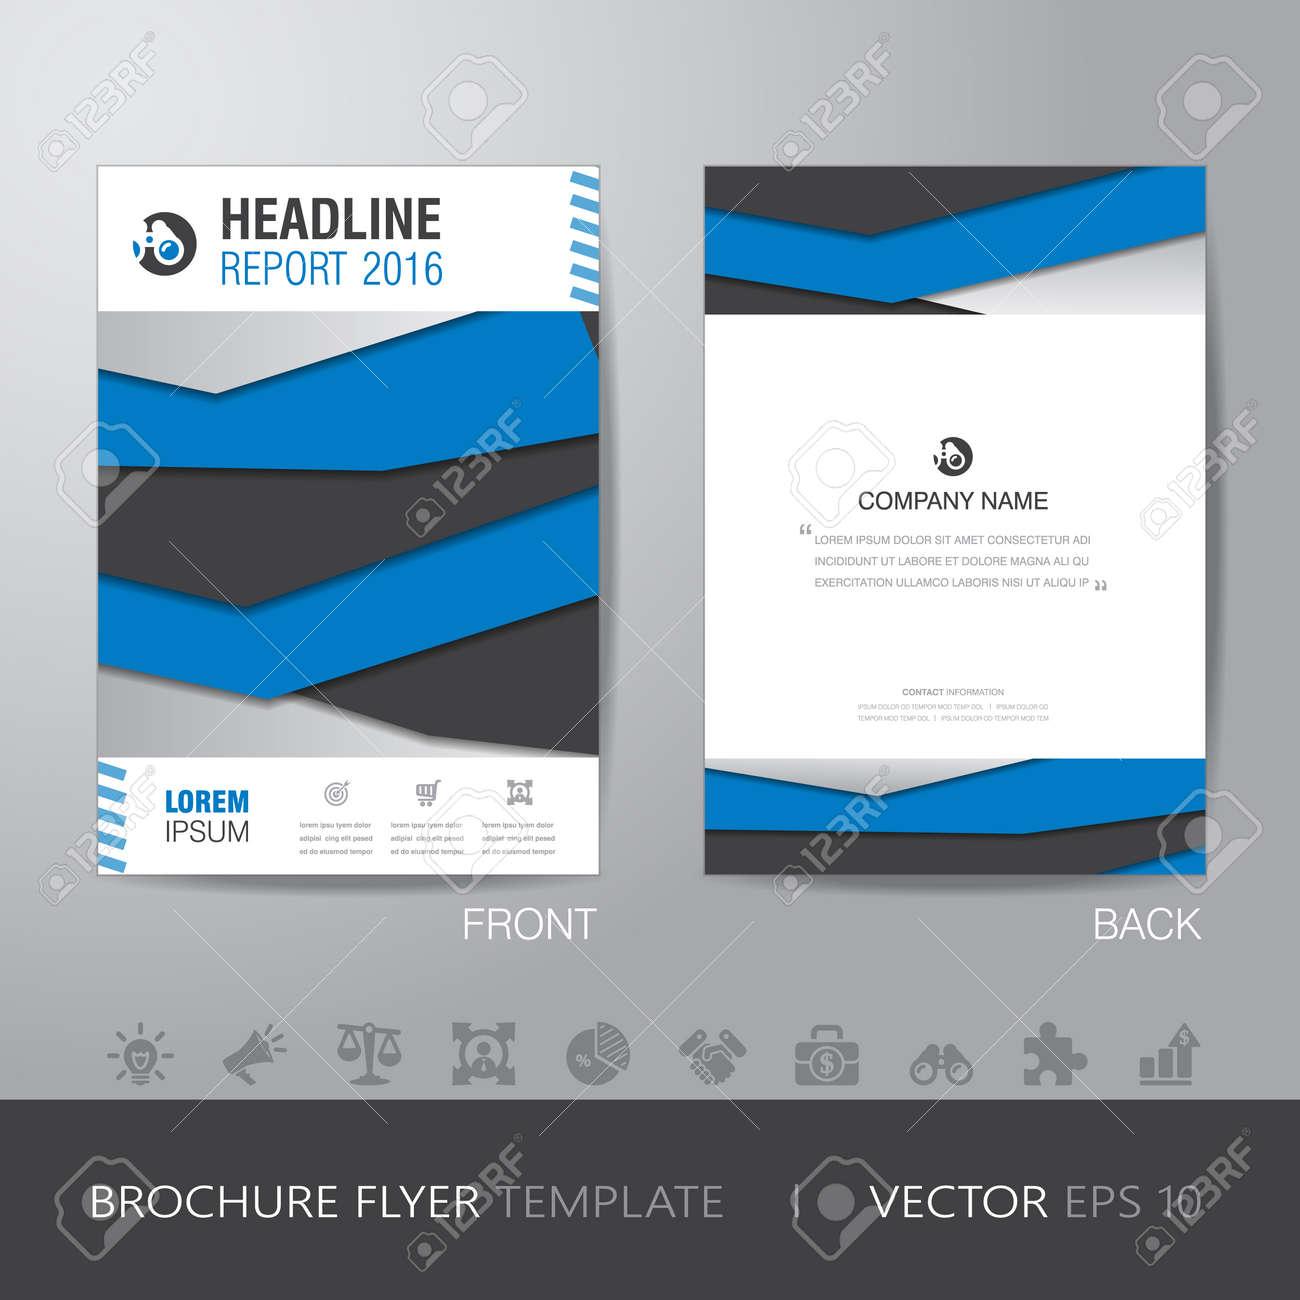 Rapport D Activité Brochure Flyer Design Modèle De Présentation Annuelle En Format A4 Avec Purge Vecteur Eps10